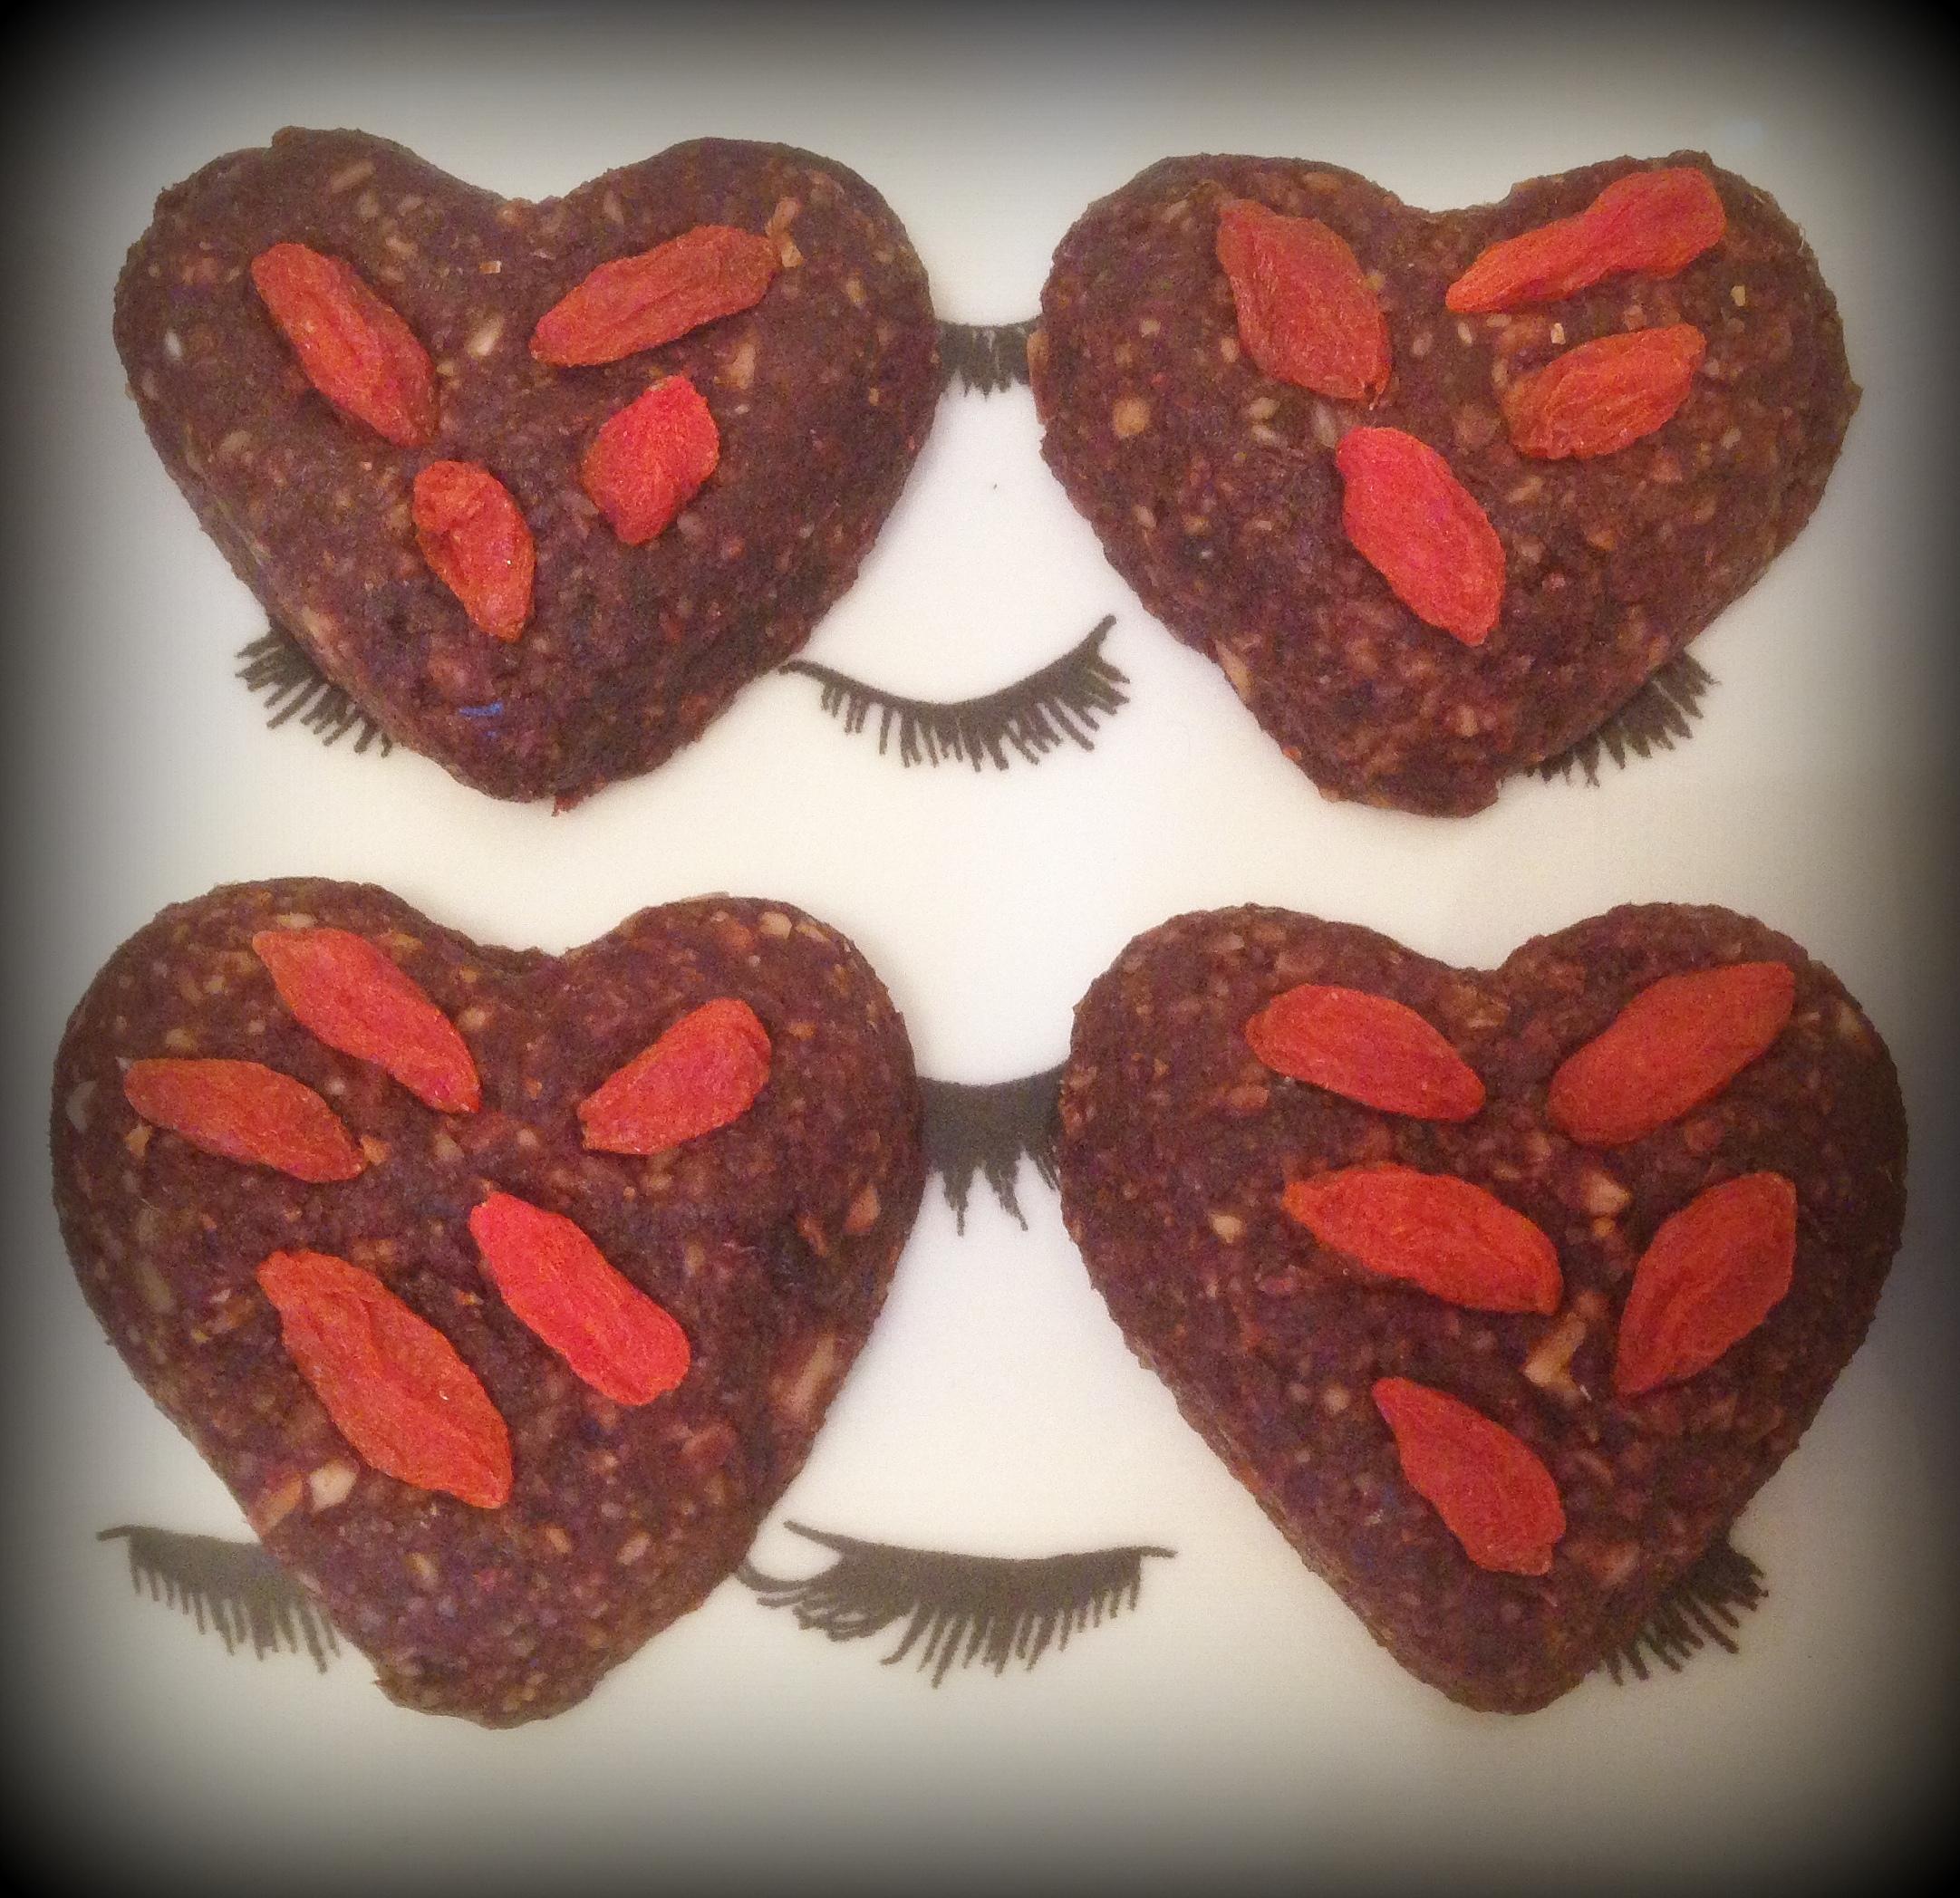 Chocolate Truffles7